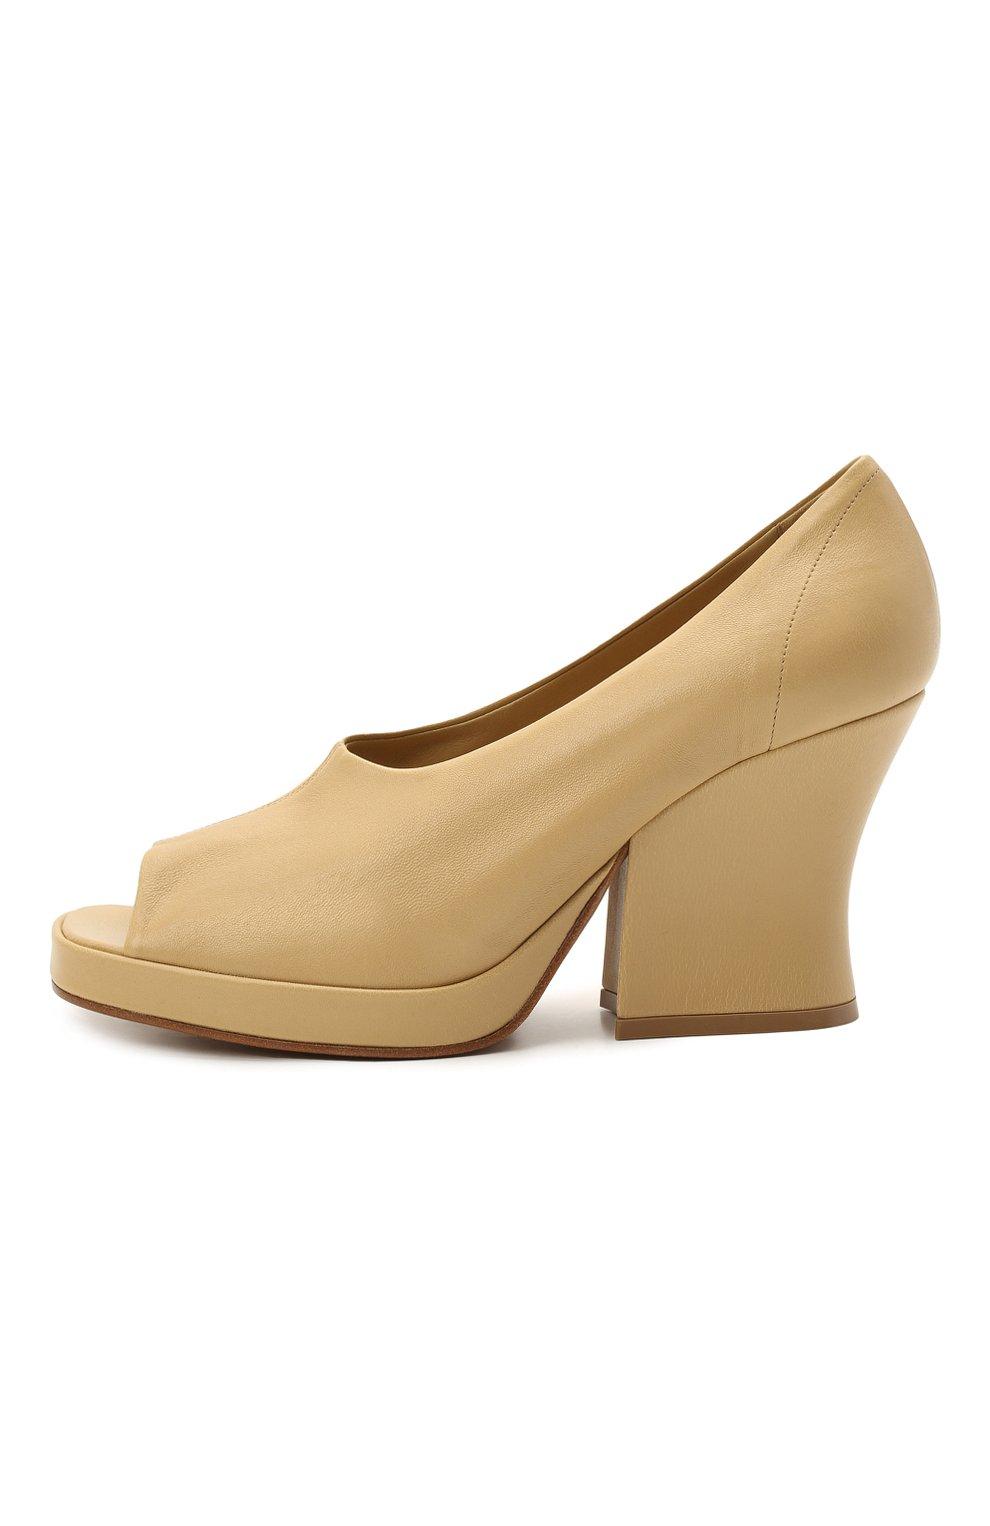 Женские кожаные туфли stack BOTTEGA VENETA бежевого цвета, арт. 658959/VBP40   Фото 3 (Подошва: Платформа; Каблук высота: Высокий; Материал внутренний: Натуральная кожа; Каблук тип: Устойчивый)